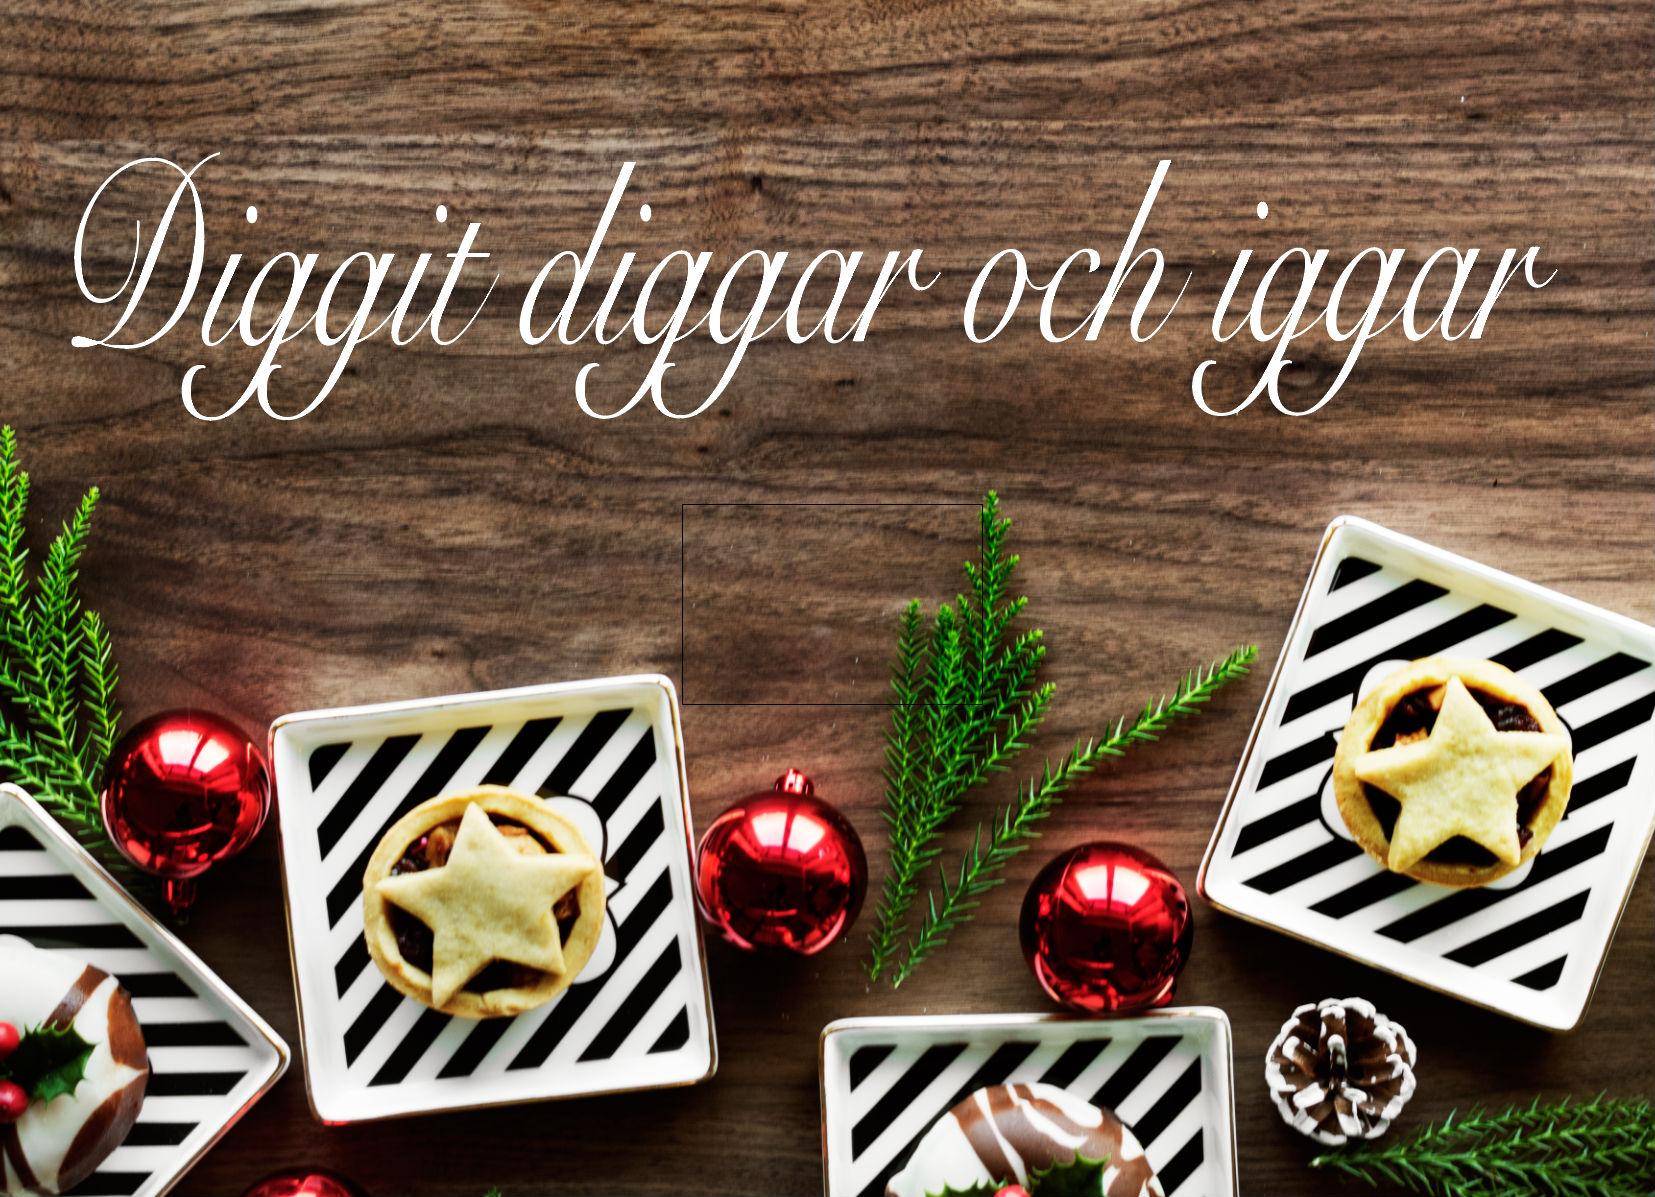 Diggit diggar och iggar- special edition Jultema!